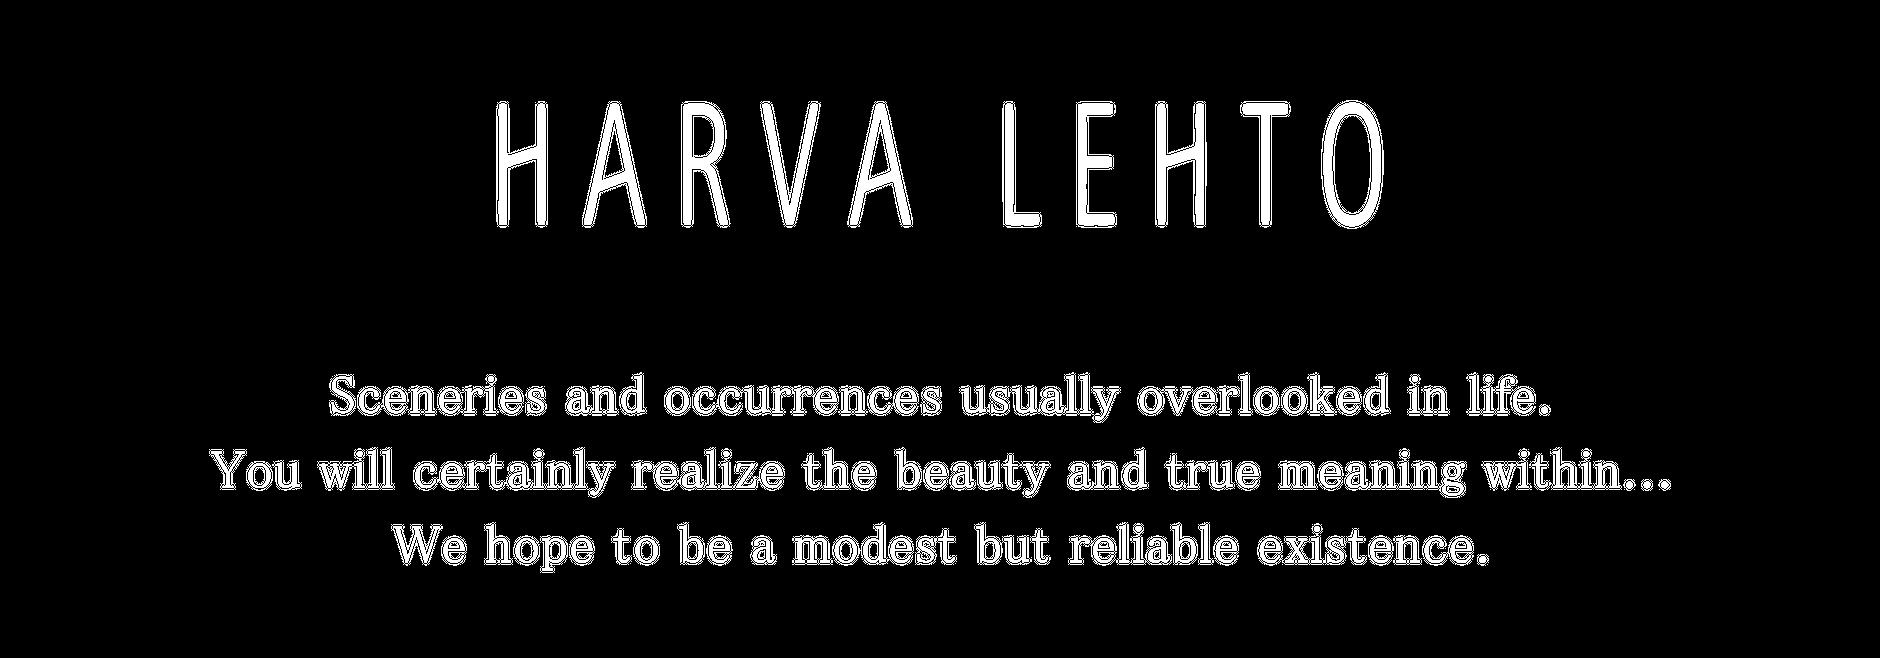 HARVA LEHTO